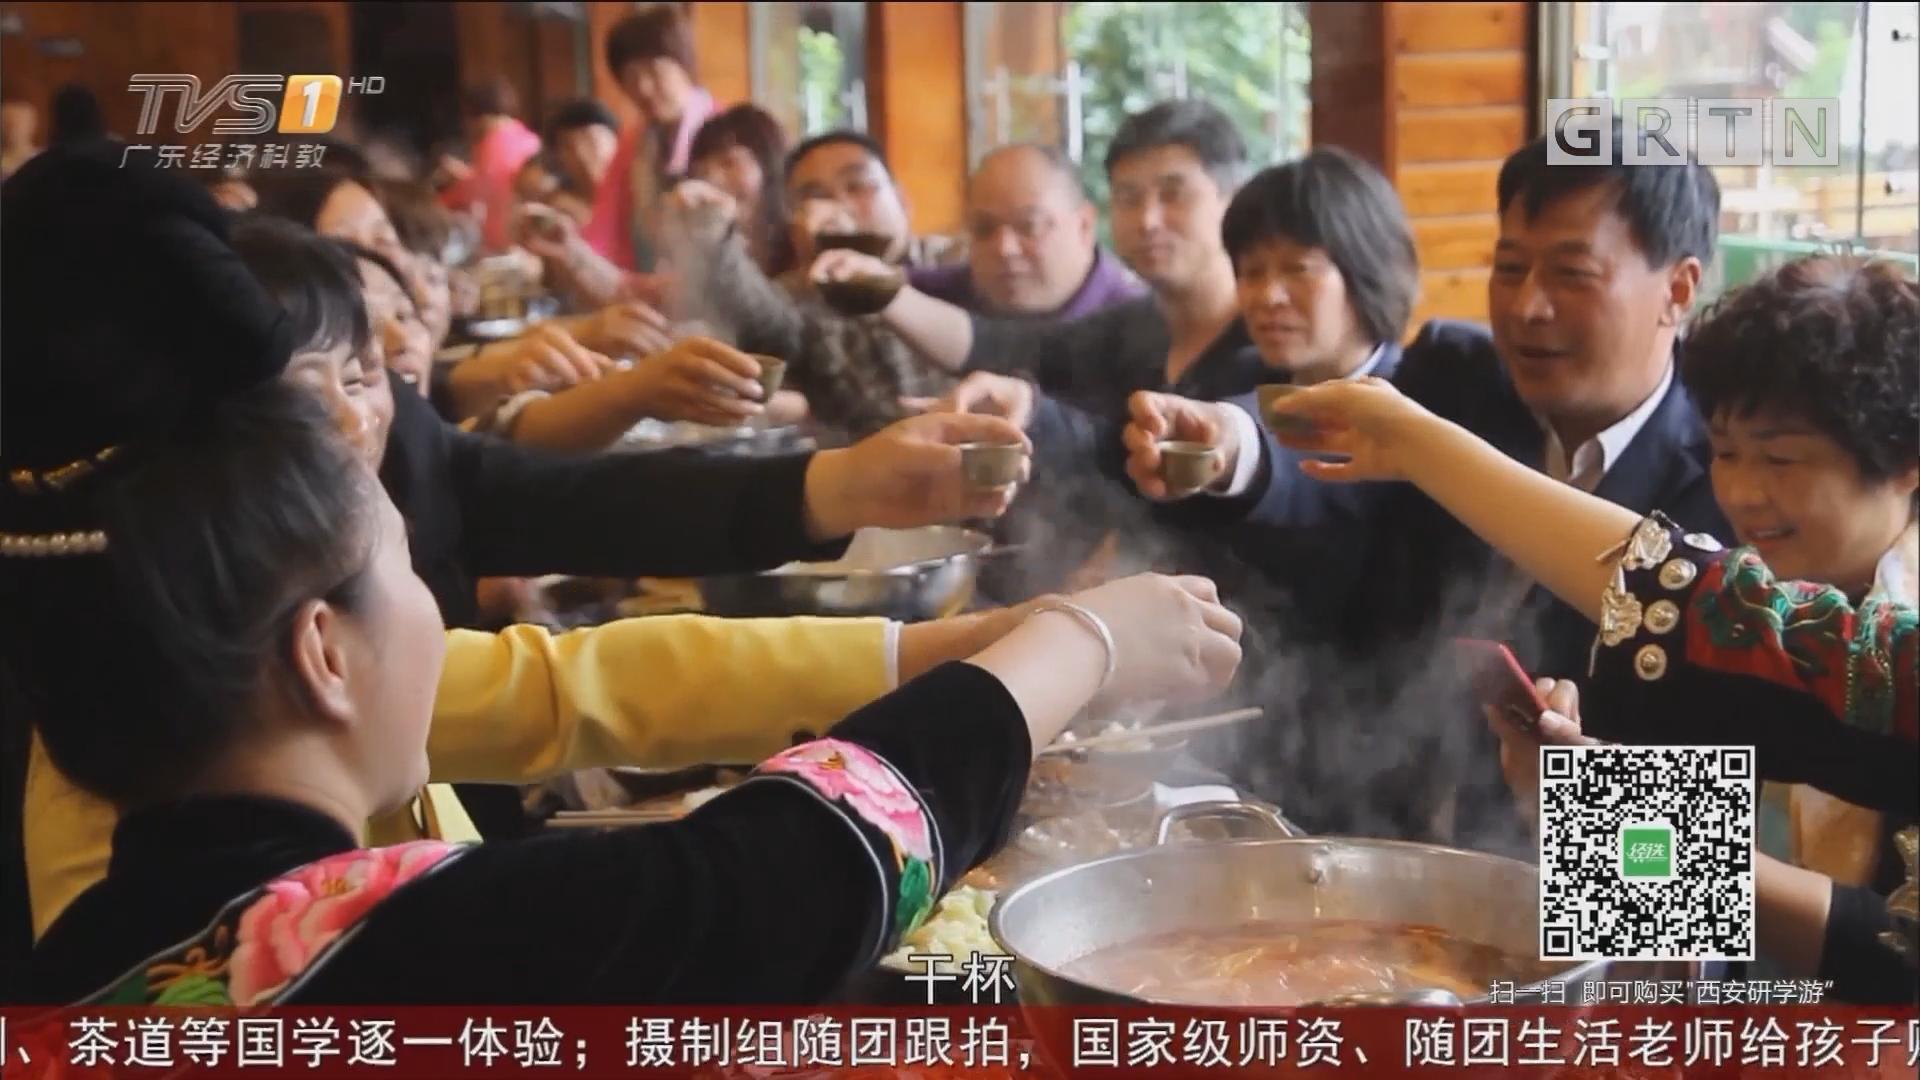 贵州 苗寨长桌宴